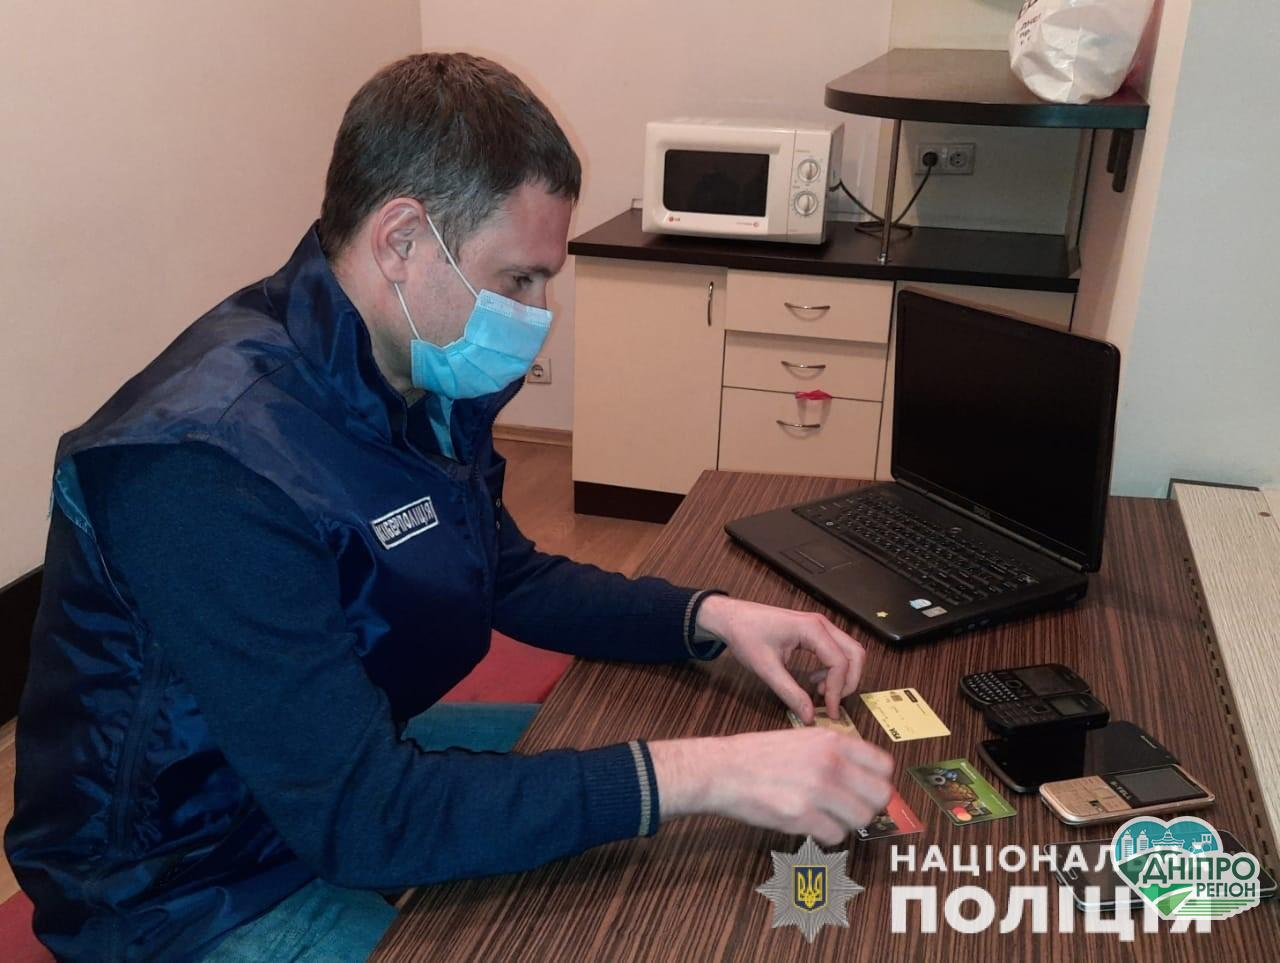 На Дніпропетровщині поліція викрила шахраїв, які продавали неіснуючі протиепідемічні товари